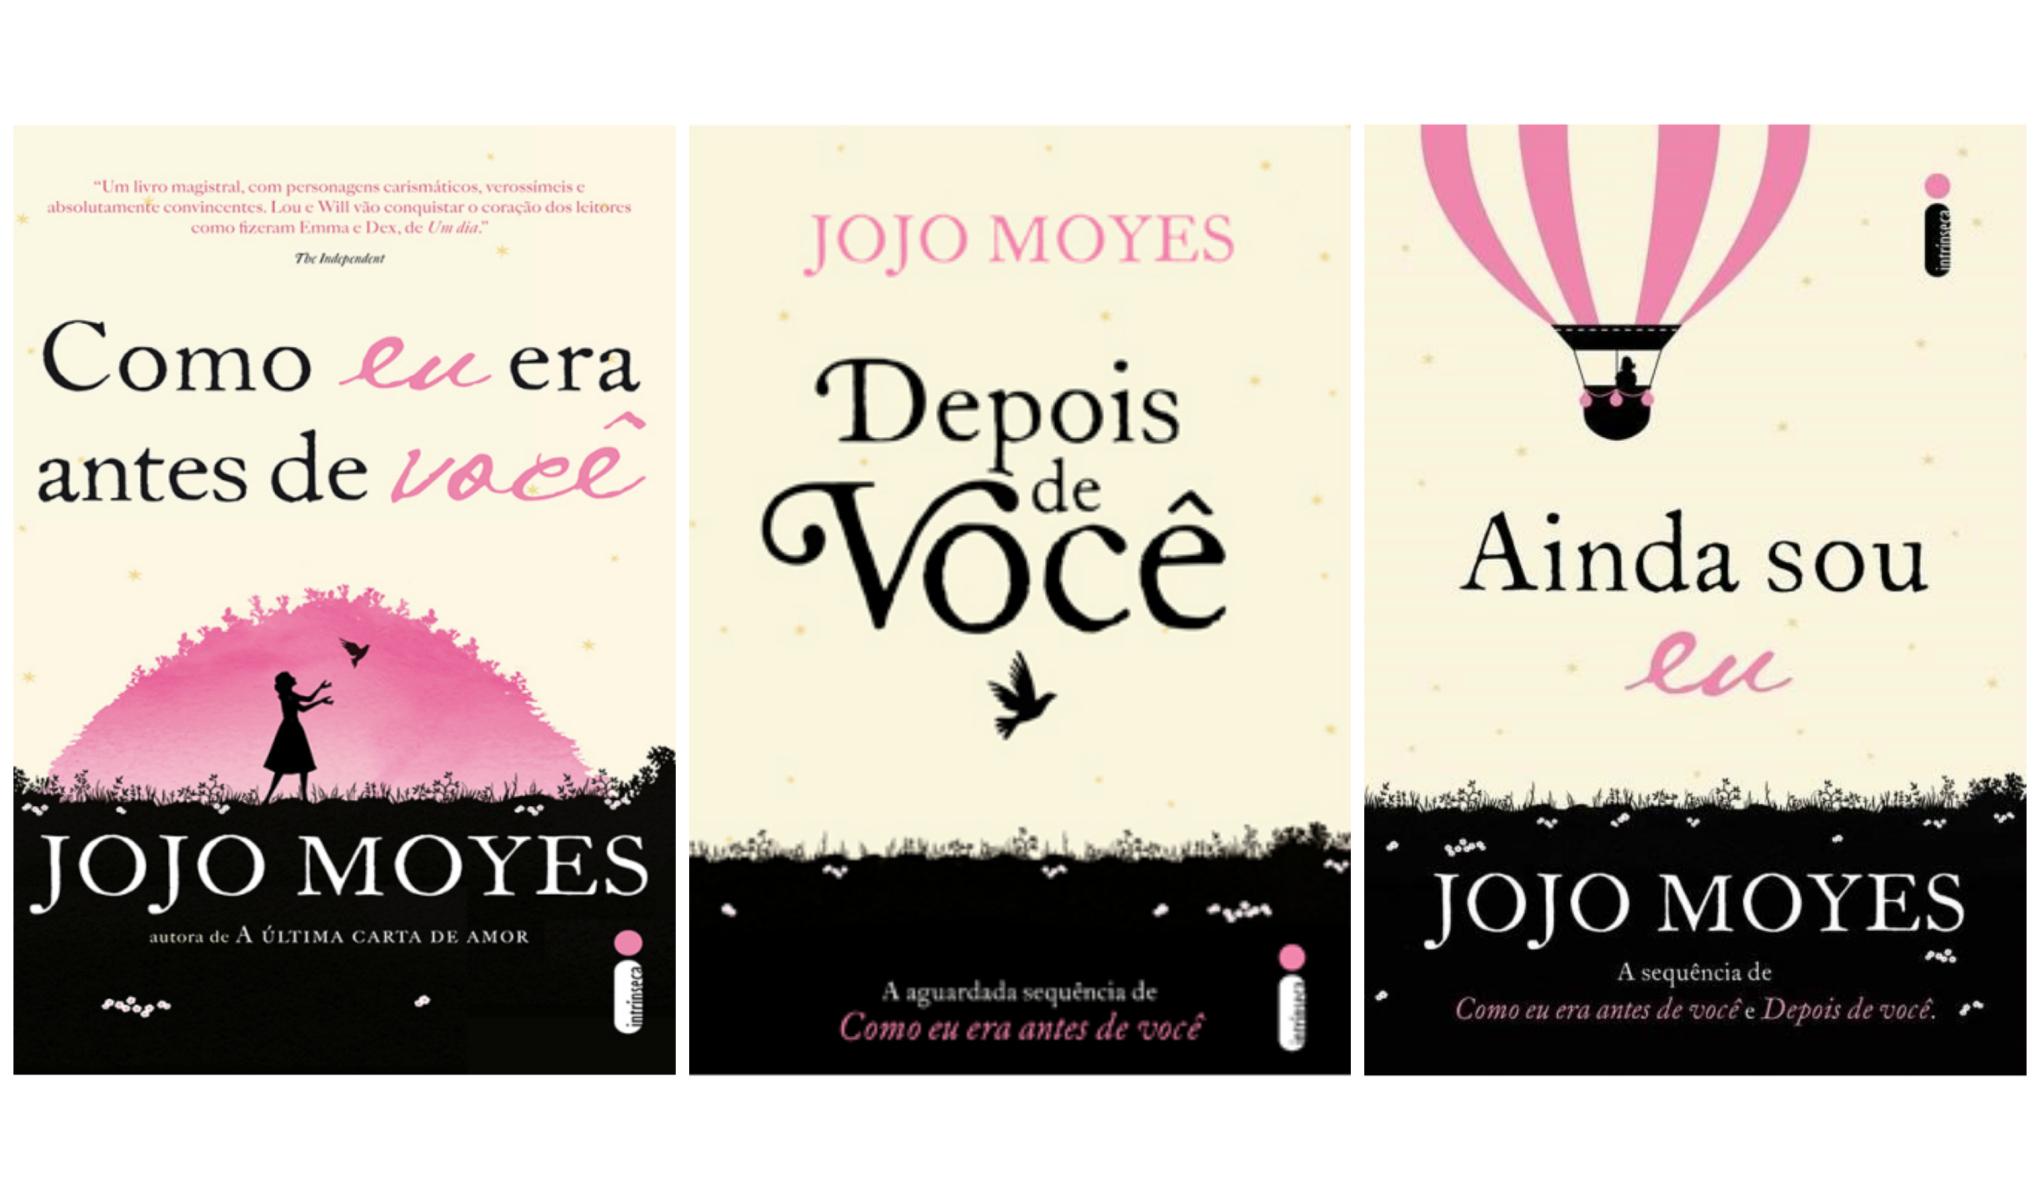 Conjunto da obra | Jojo Moyes